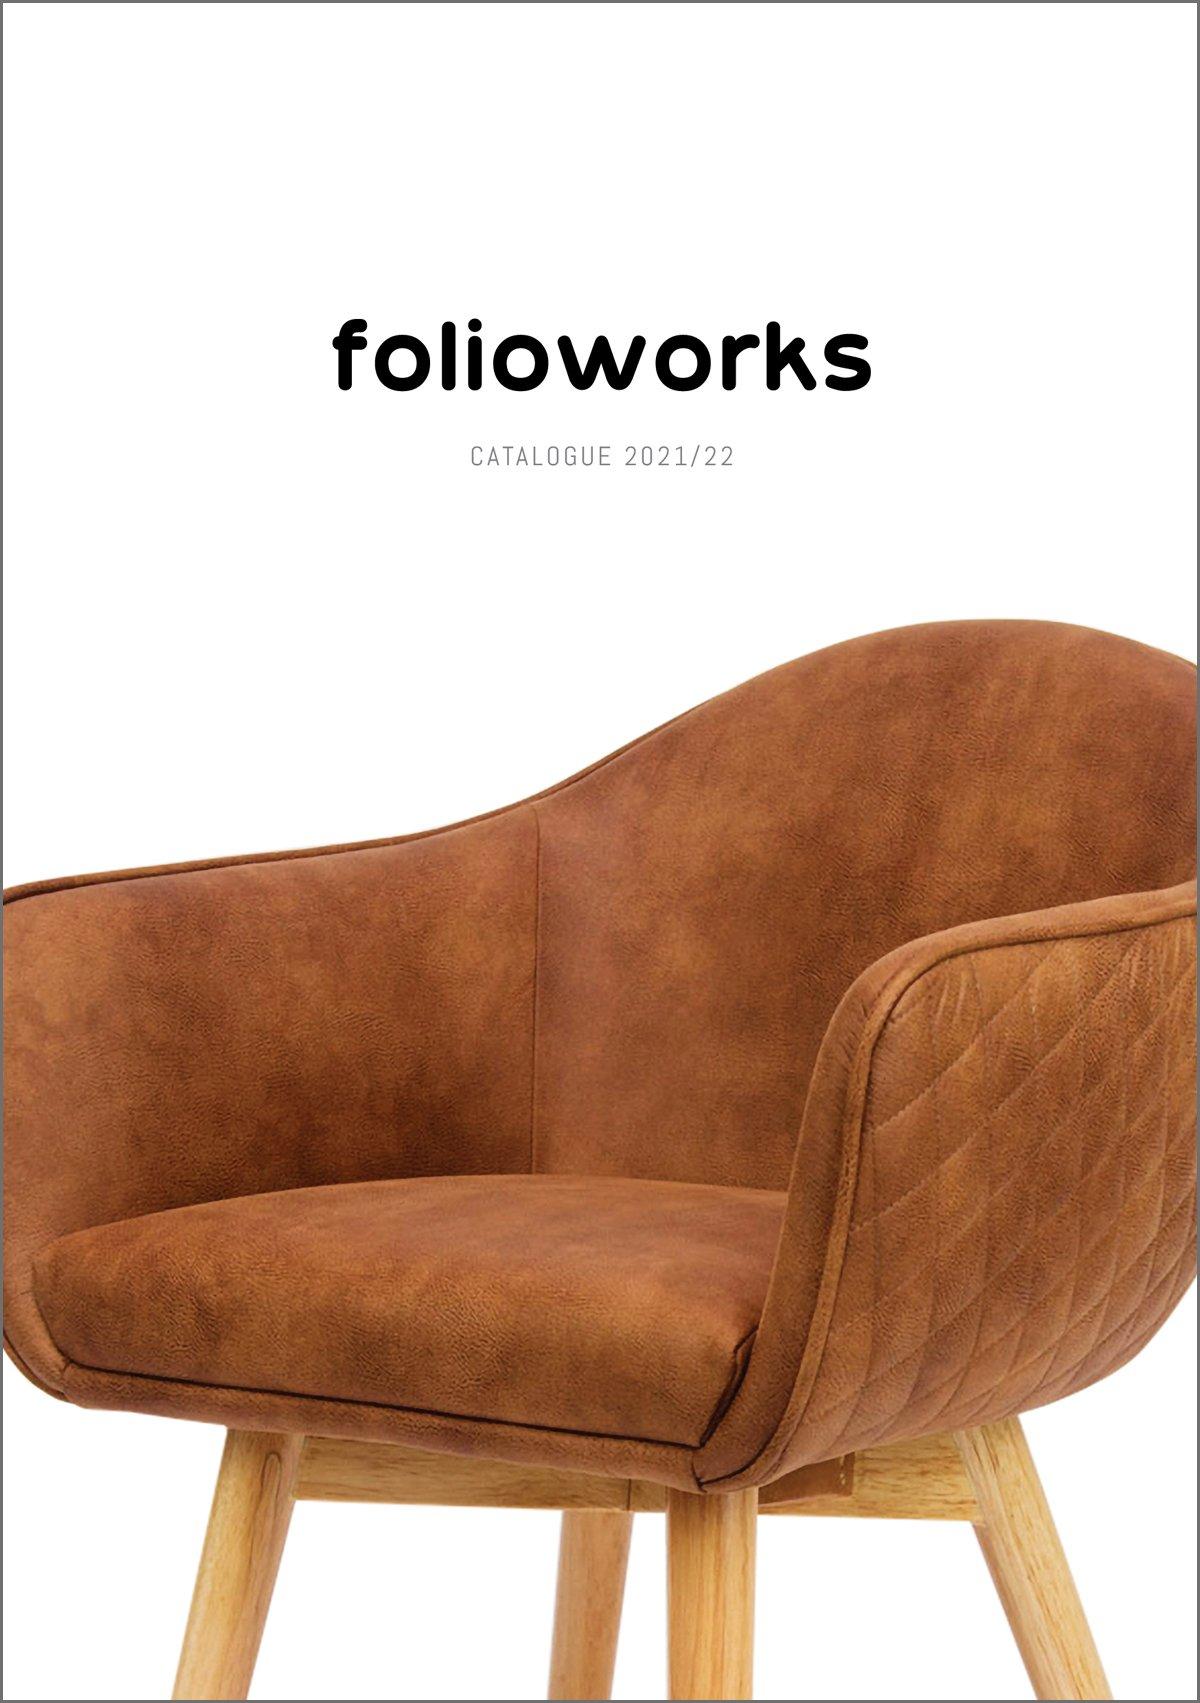 Folioworks Catalogue 2021/22